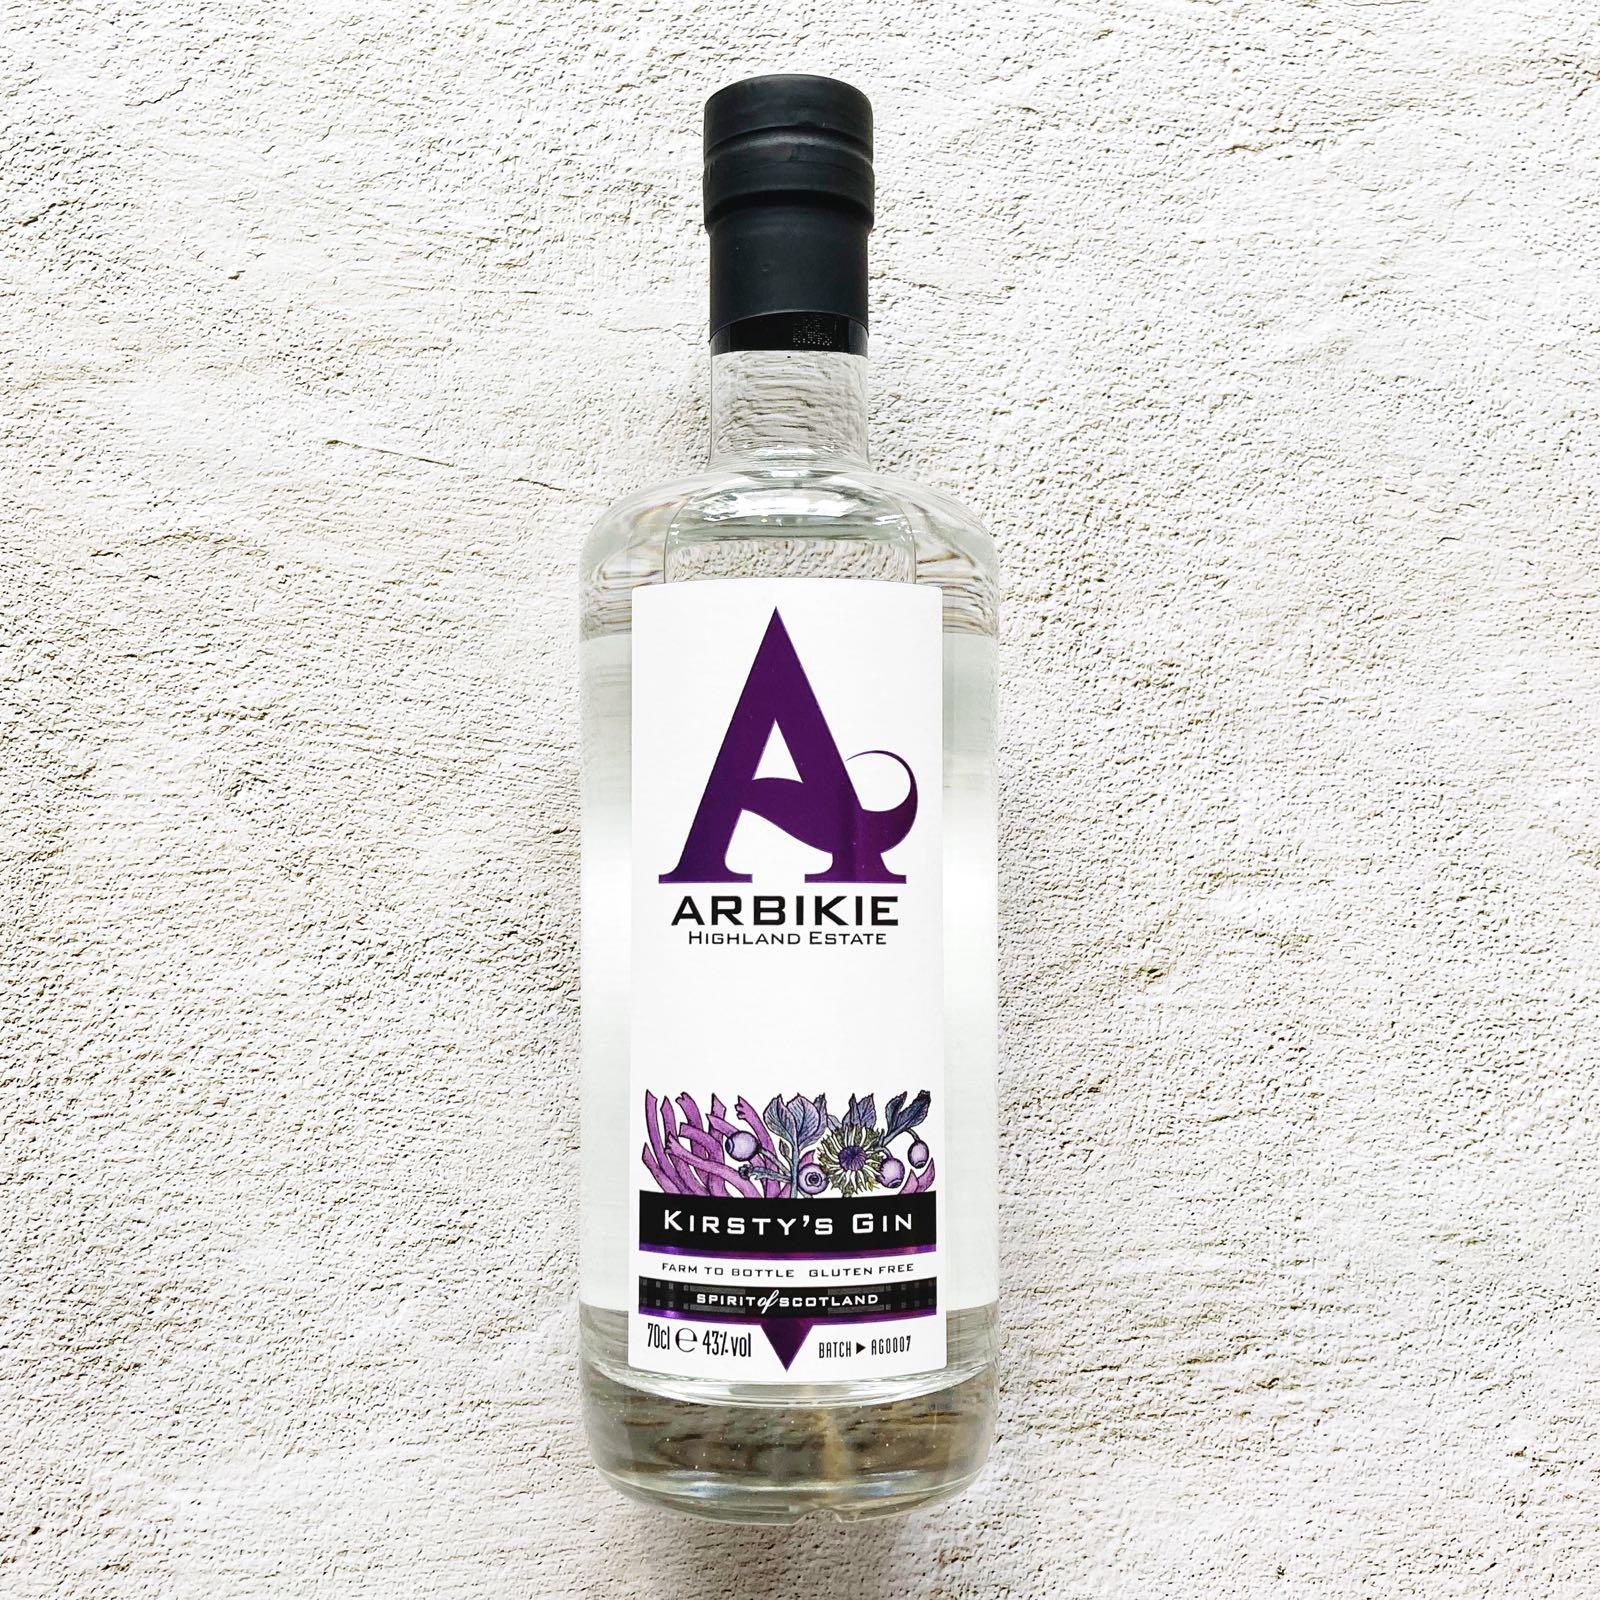 Kirsty's Gin Arbikie